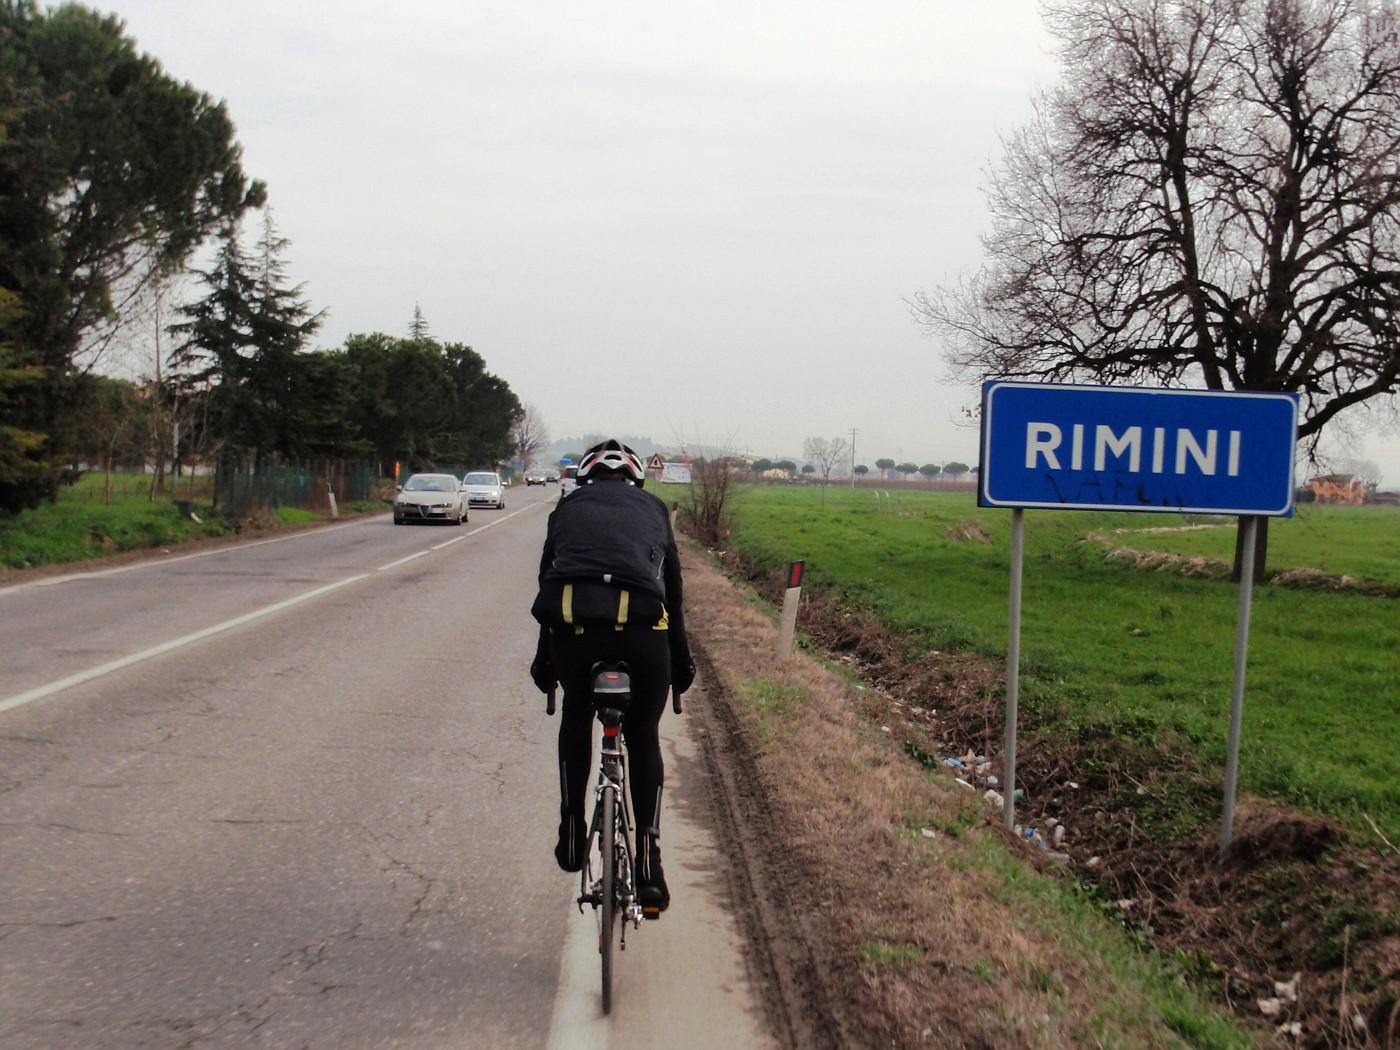 Sulla strada a Rimini